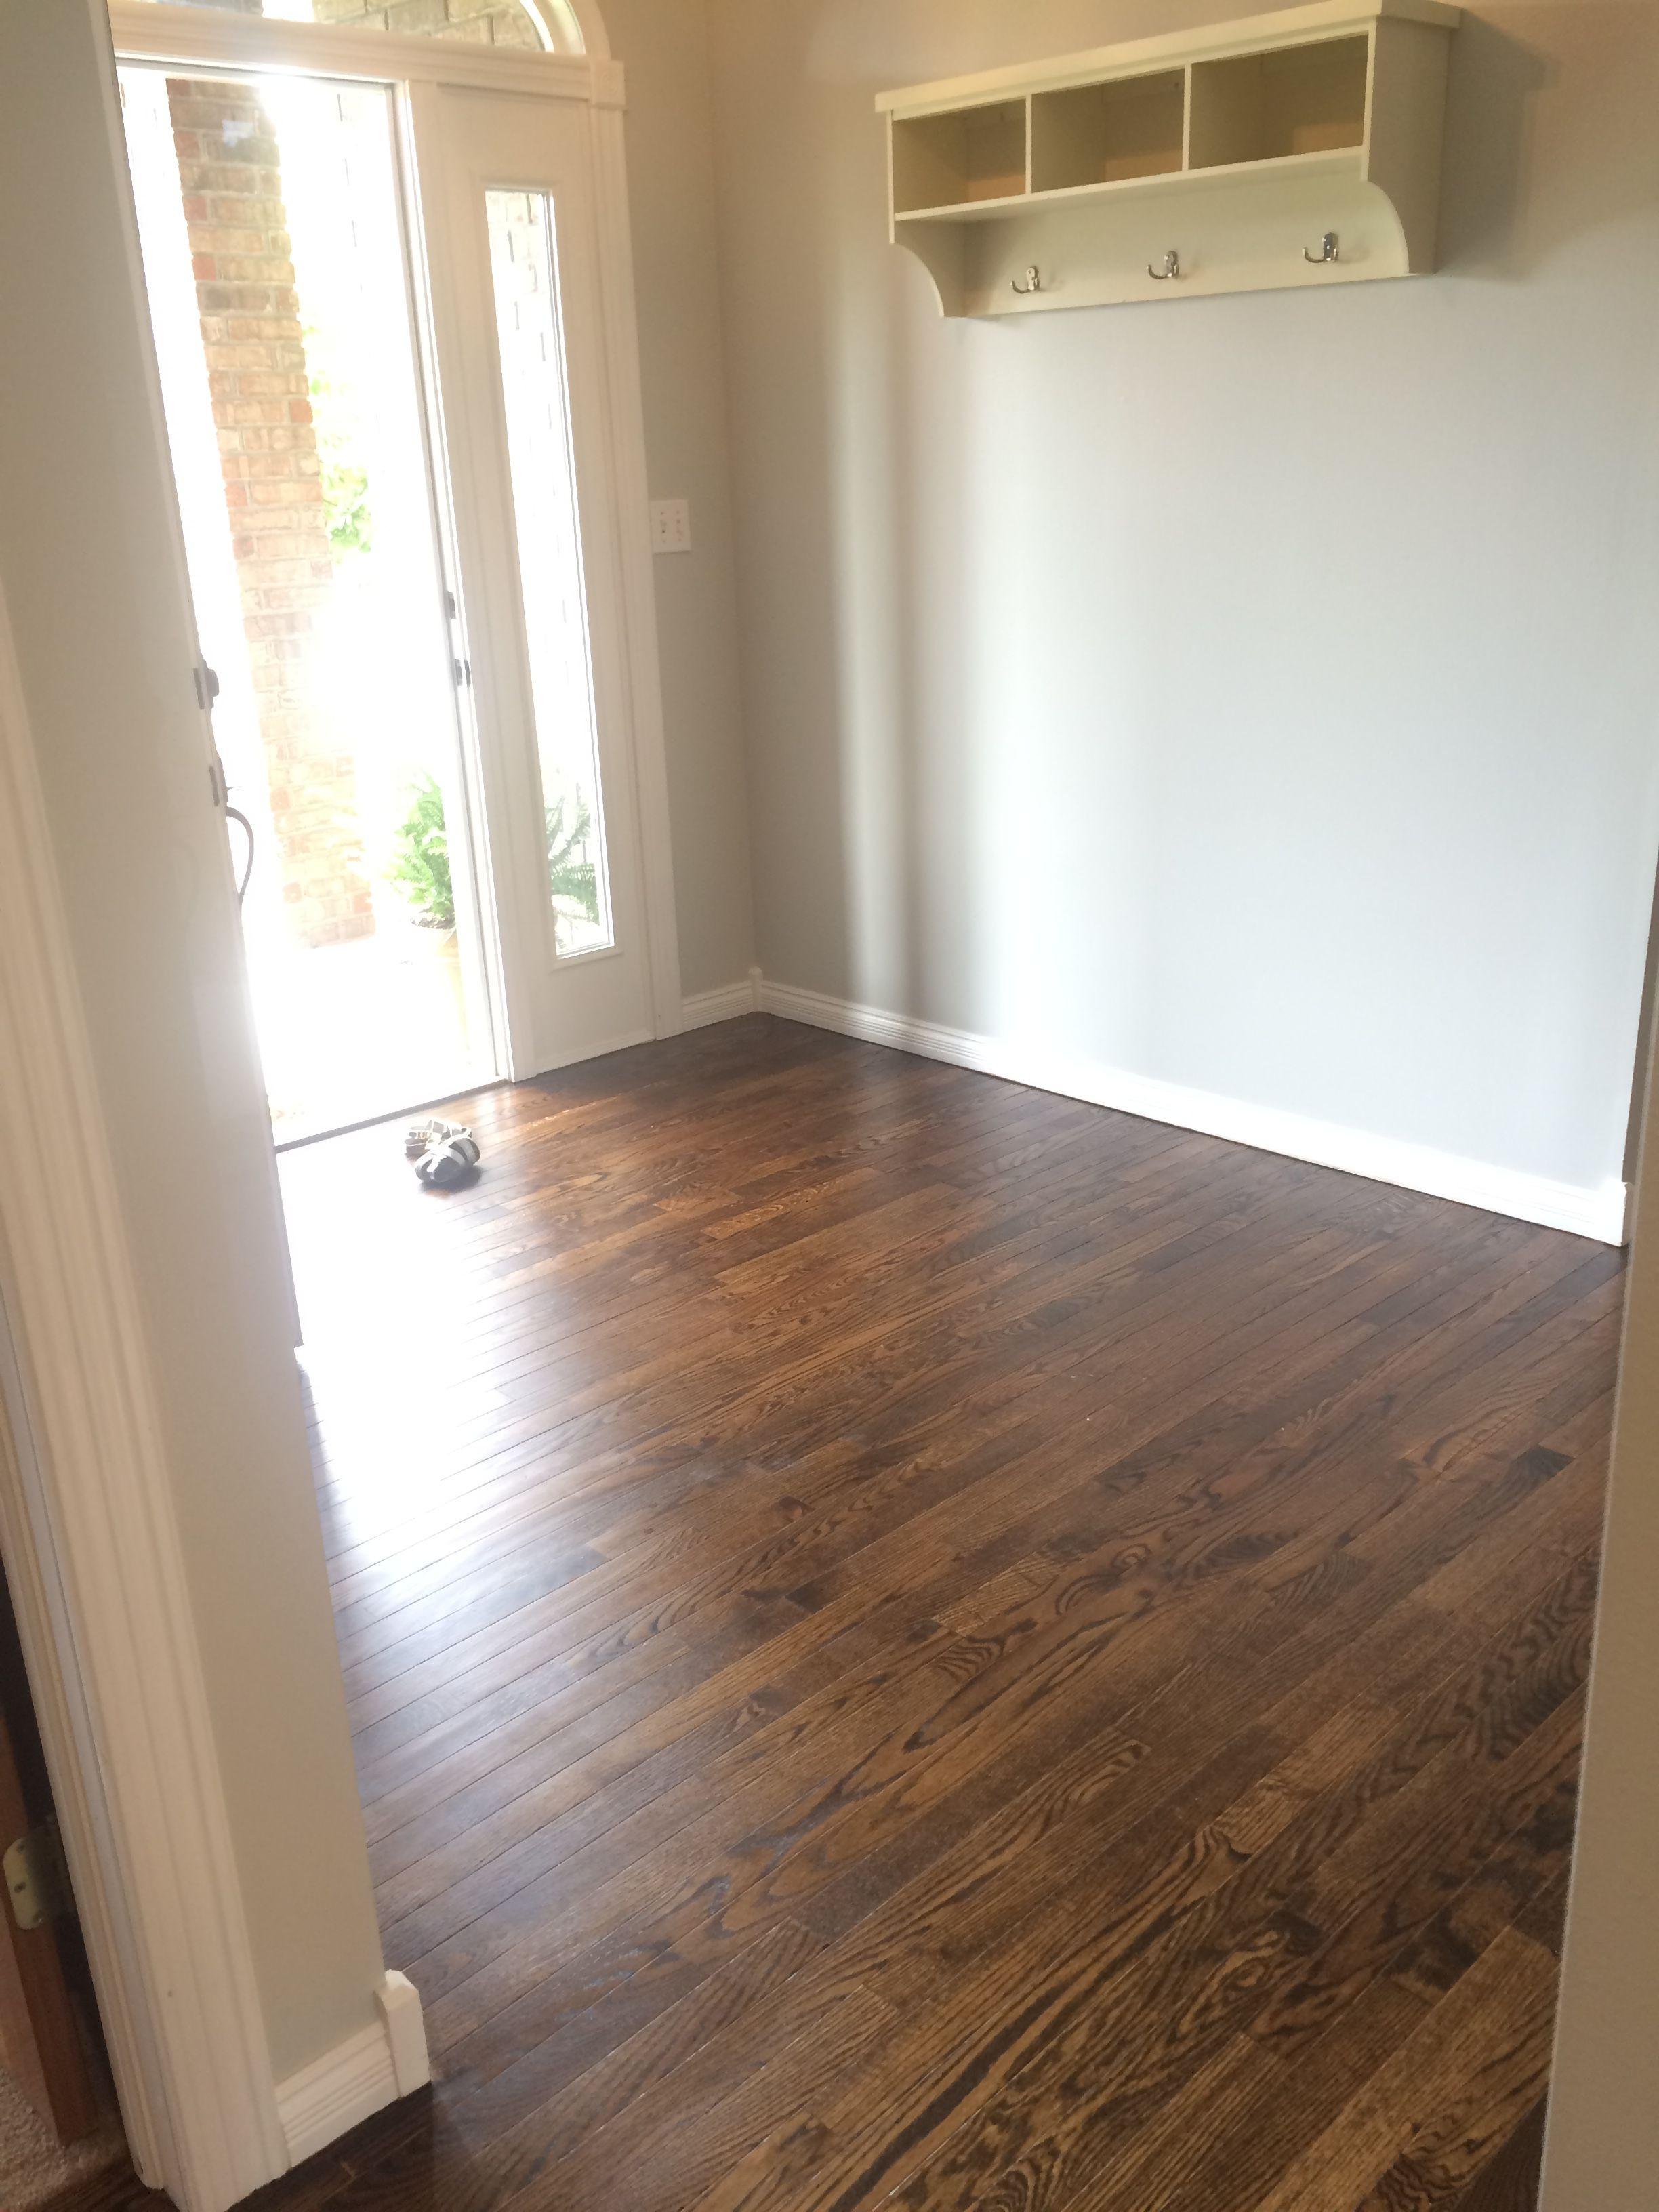 the hardwood flooring stores markham on of 20 best flooring images on pinterest floor stain floor colors and regarding 20 best flooring images on pinterest floor stain floor colors and hardwood floors